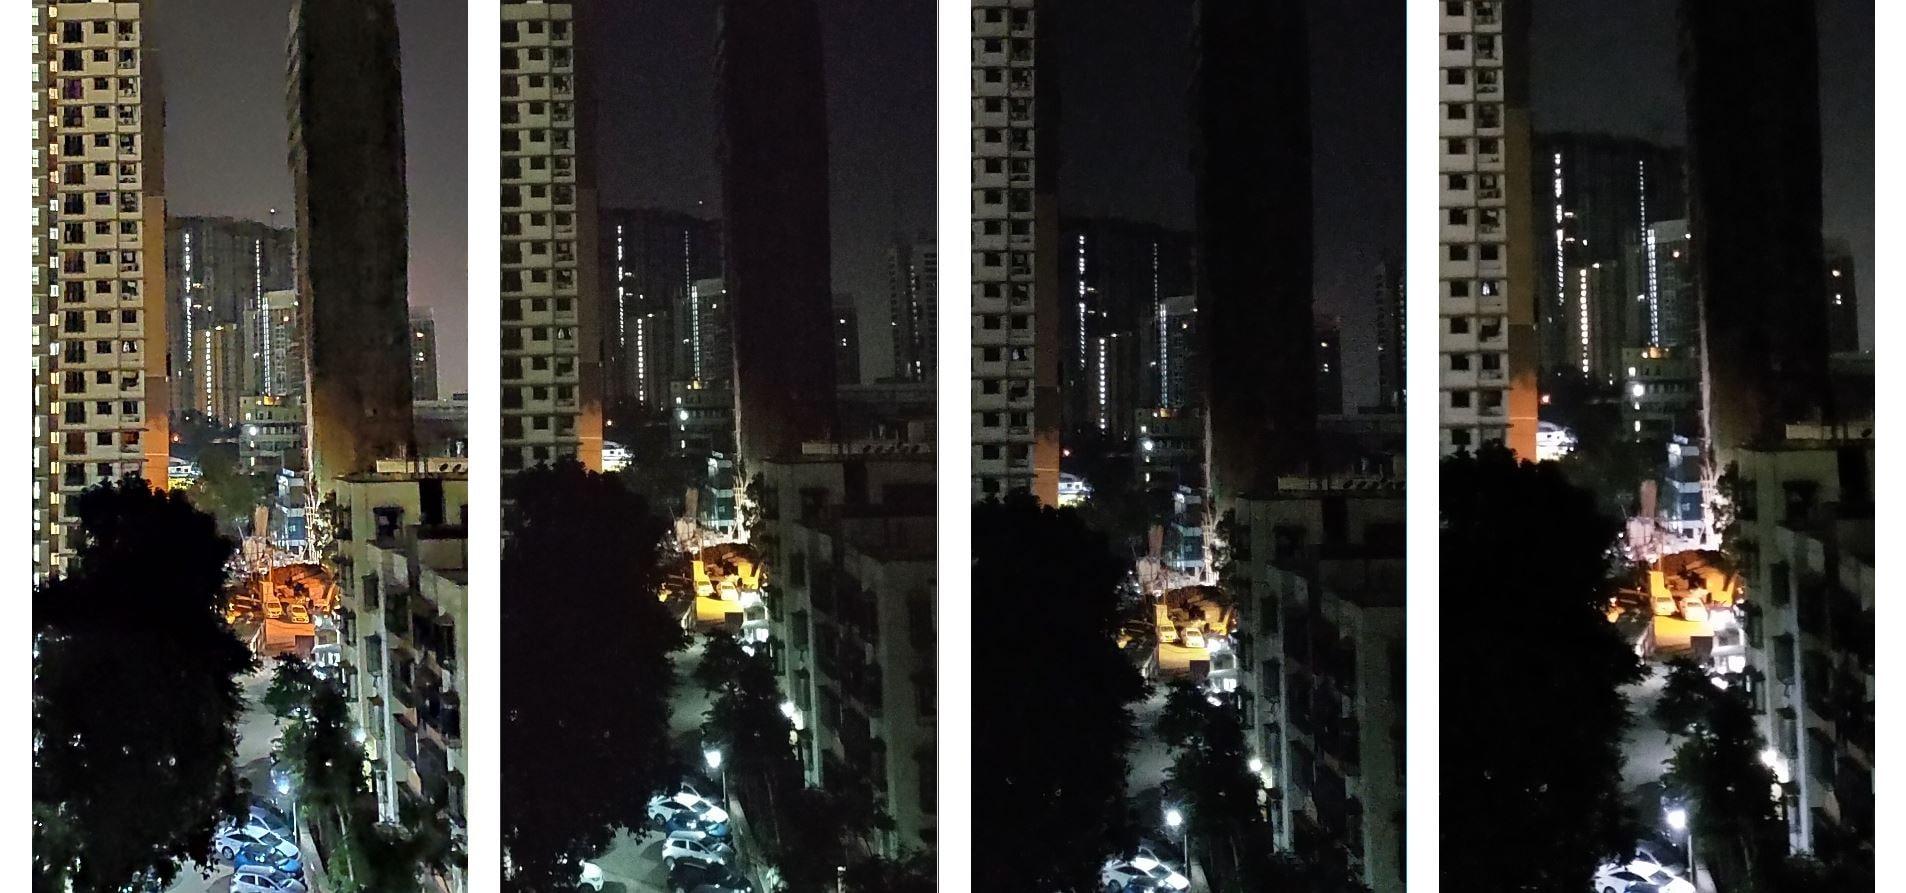 (L-R) Redmi Note 7 Pro, Redmi Note 6 Pro, Asus Zenfone Max Pro M2, Realme 2 Pro: Night cityscape on auto mode